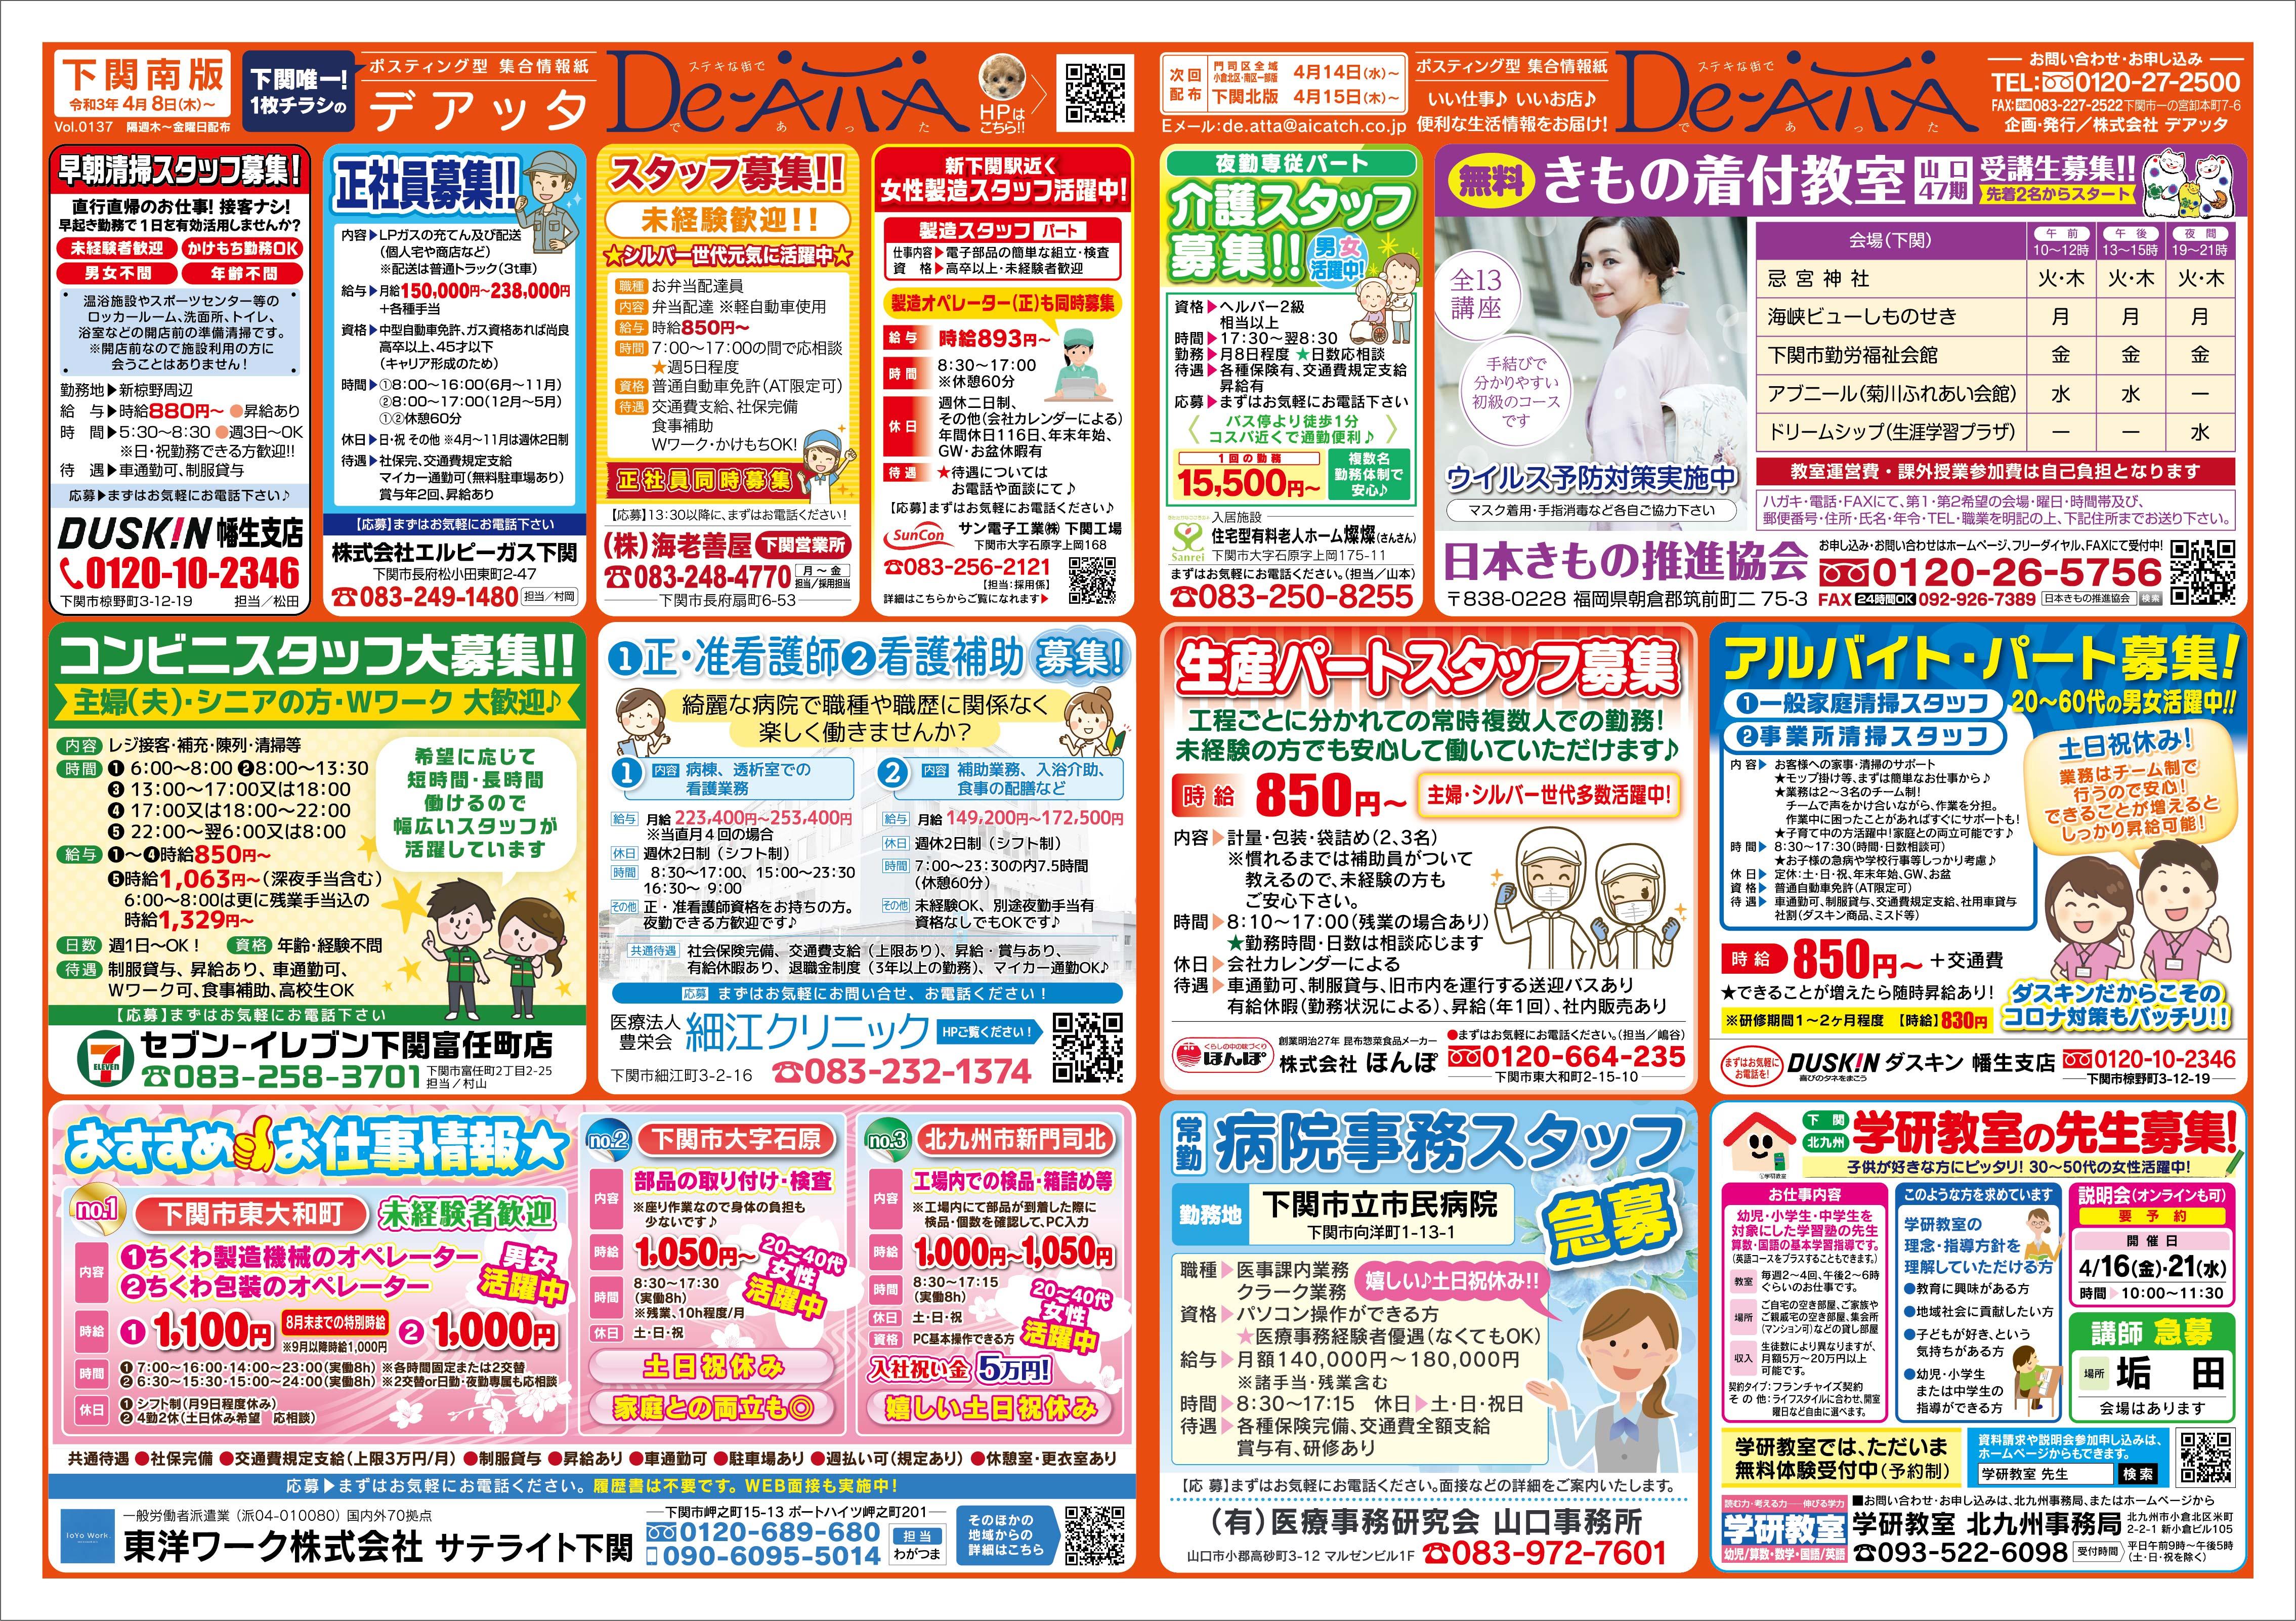 下関南版 令和3年4月8日号デアッタチラシ表イメージ